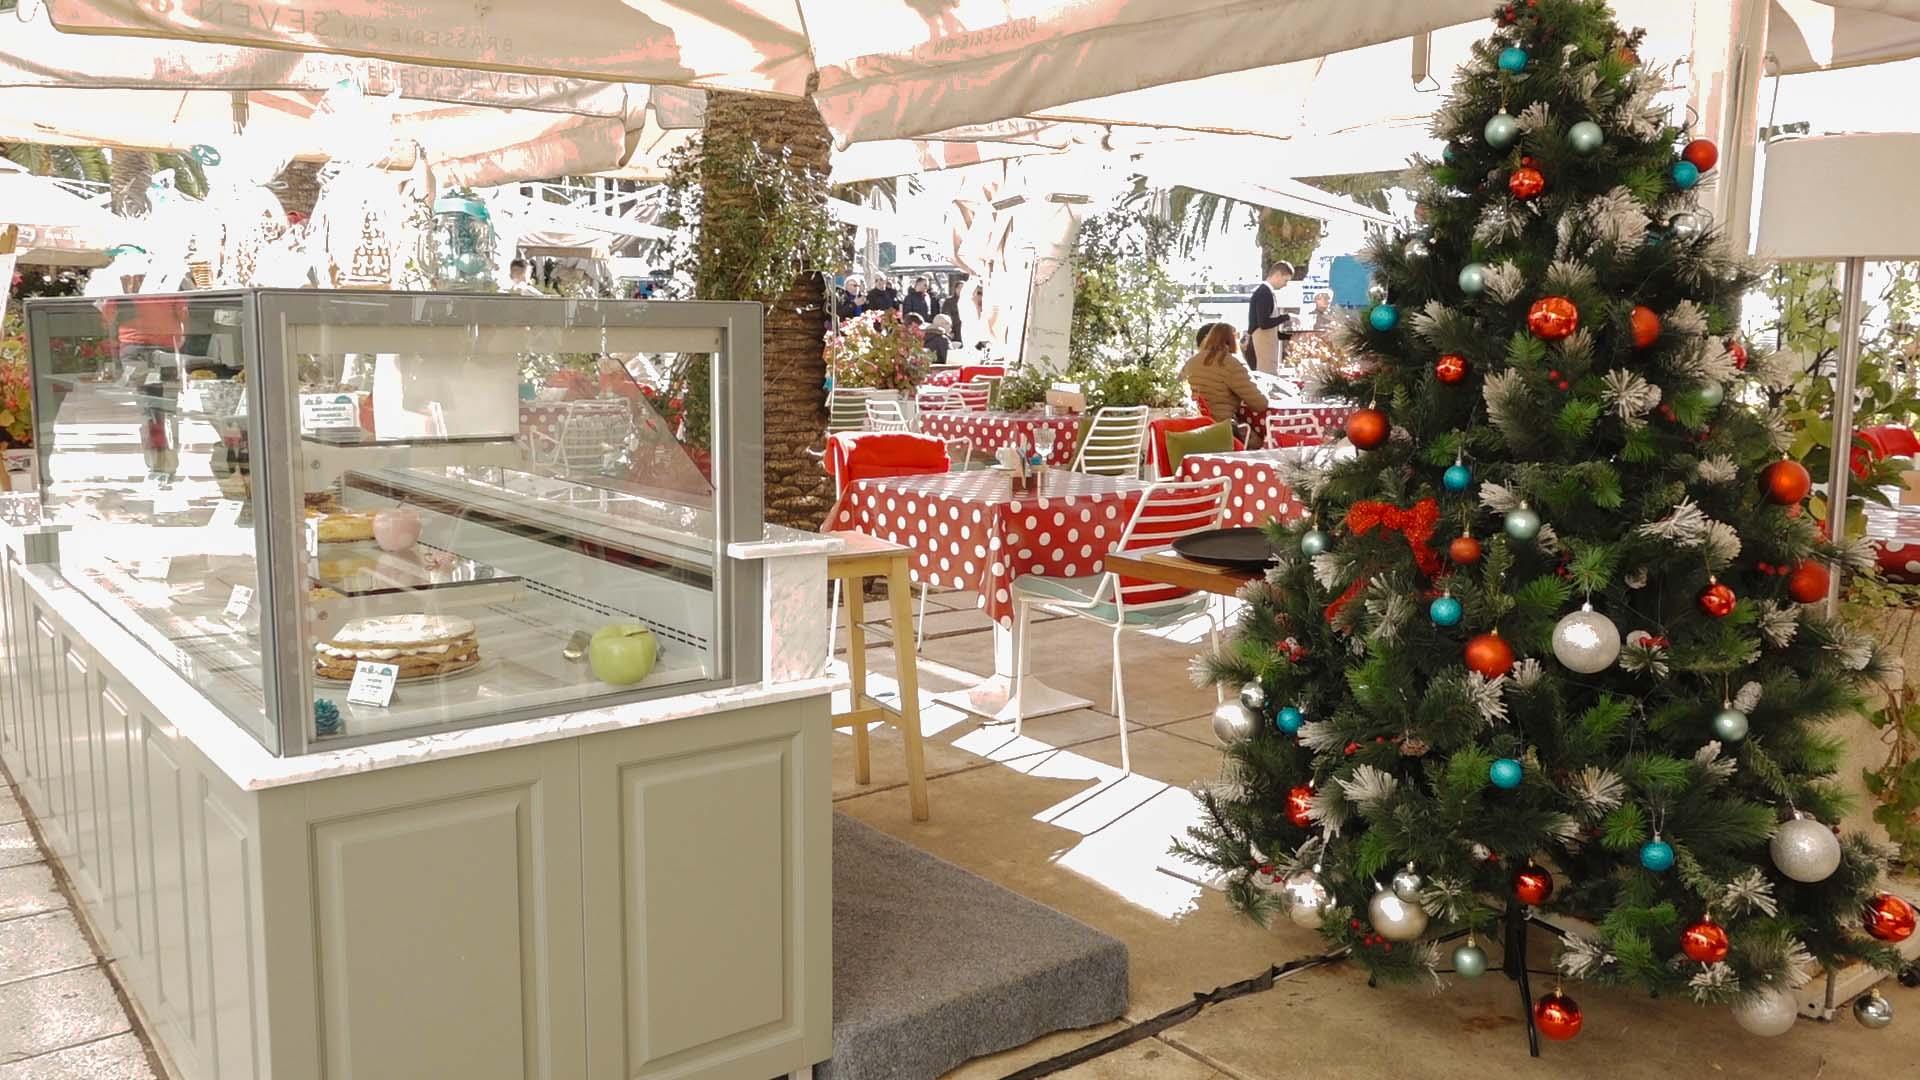 Splita Riva- Božićni sajam privlači goste blagdanskom razdoblja. Svi se radujemo Božiću i božićnim blagdanima i Novoj godini. U gradu podno Marjana Božićn